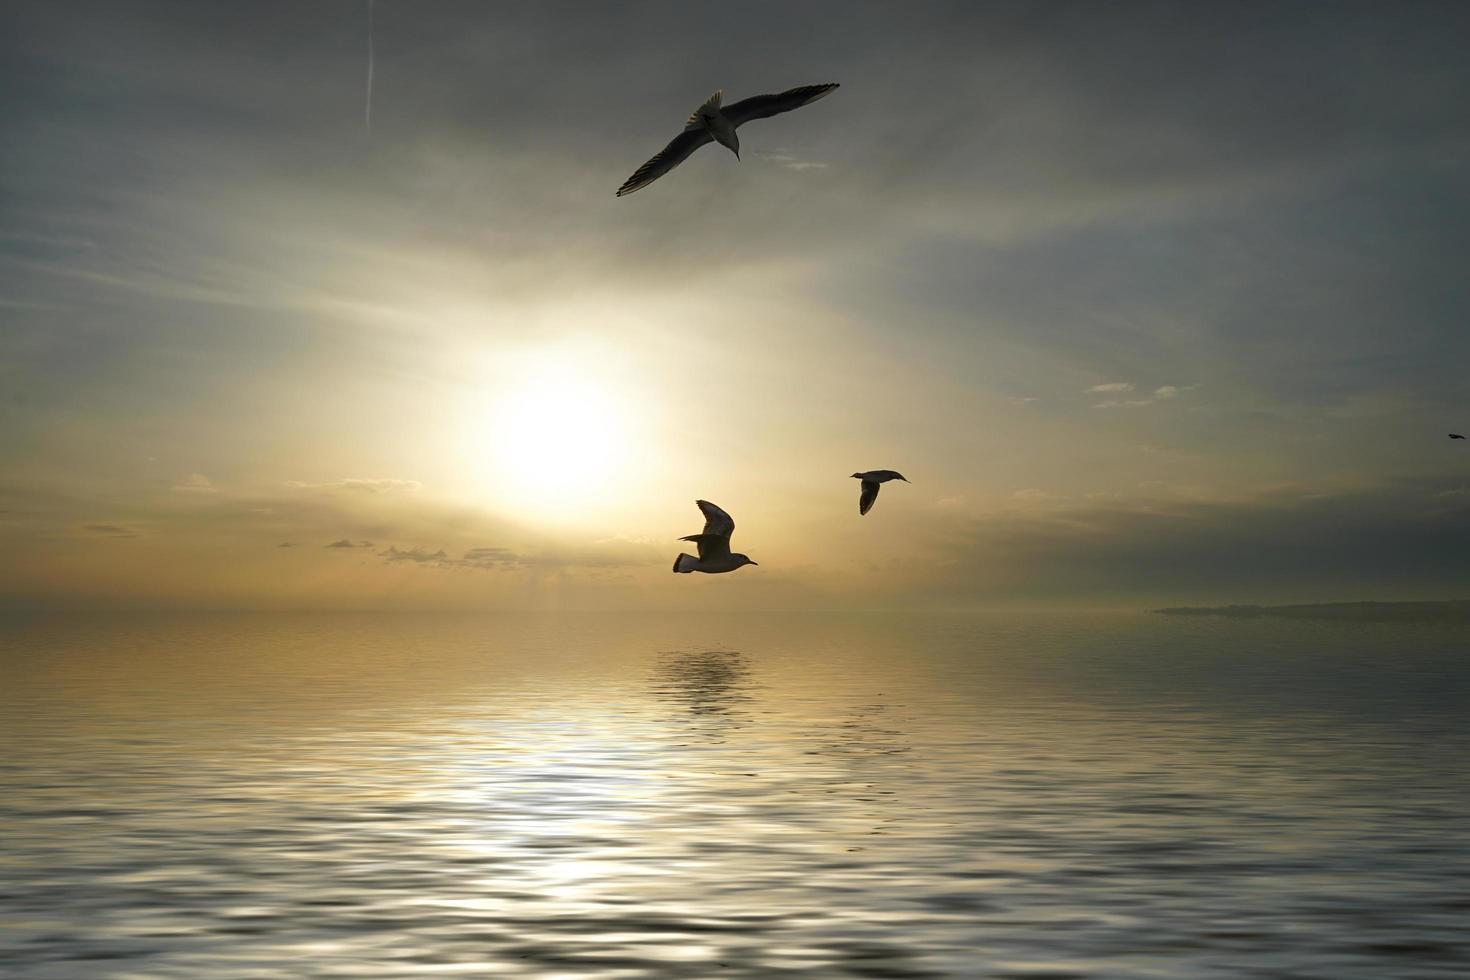 vista do mar com gaivotas voando sobre a superfície da água. foto